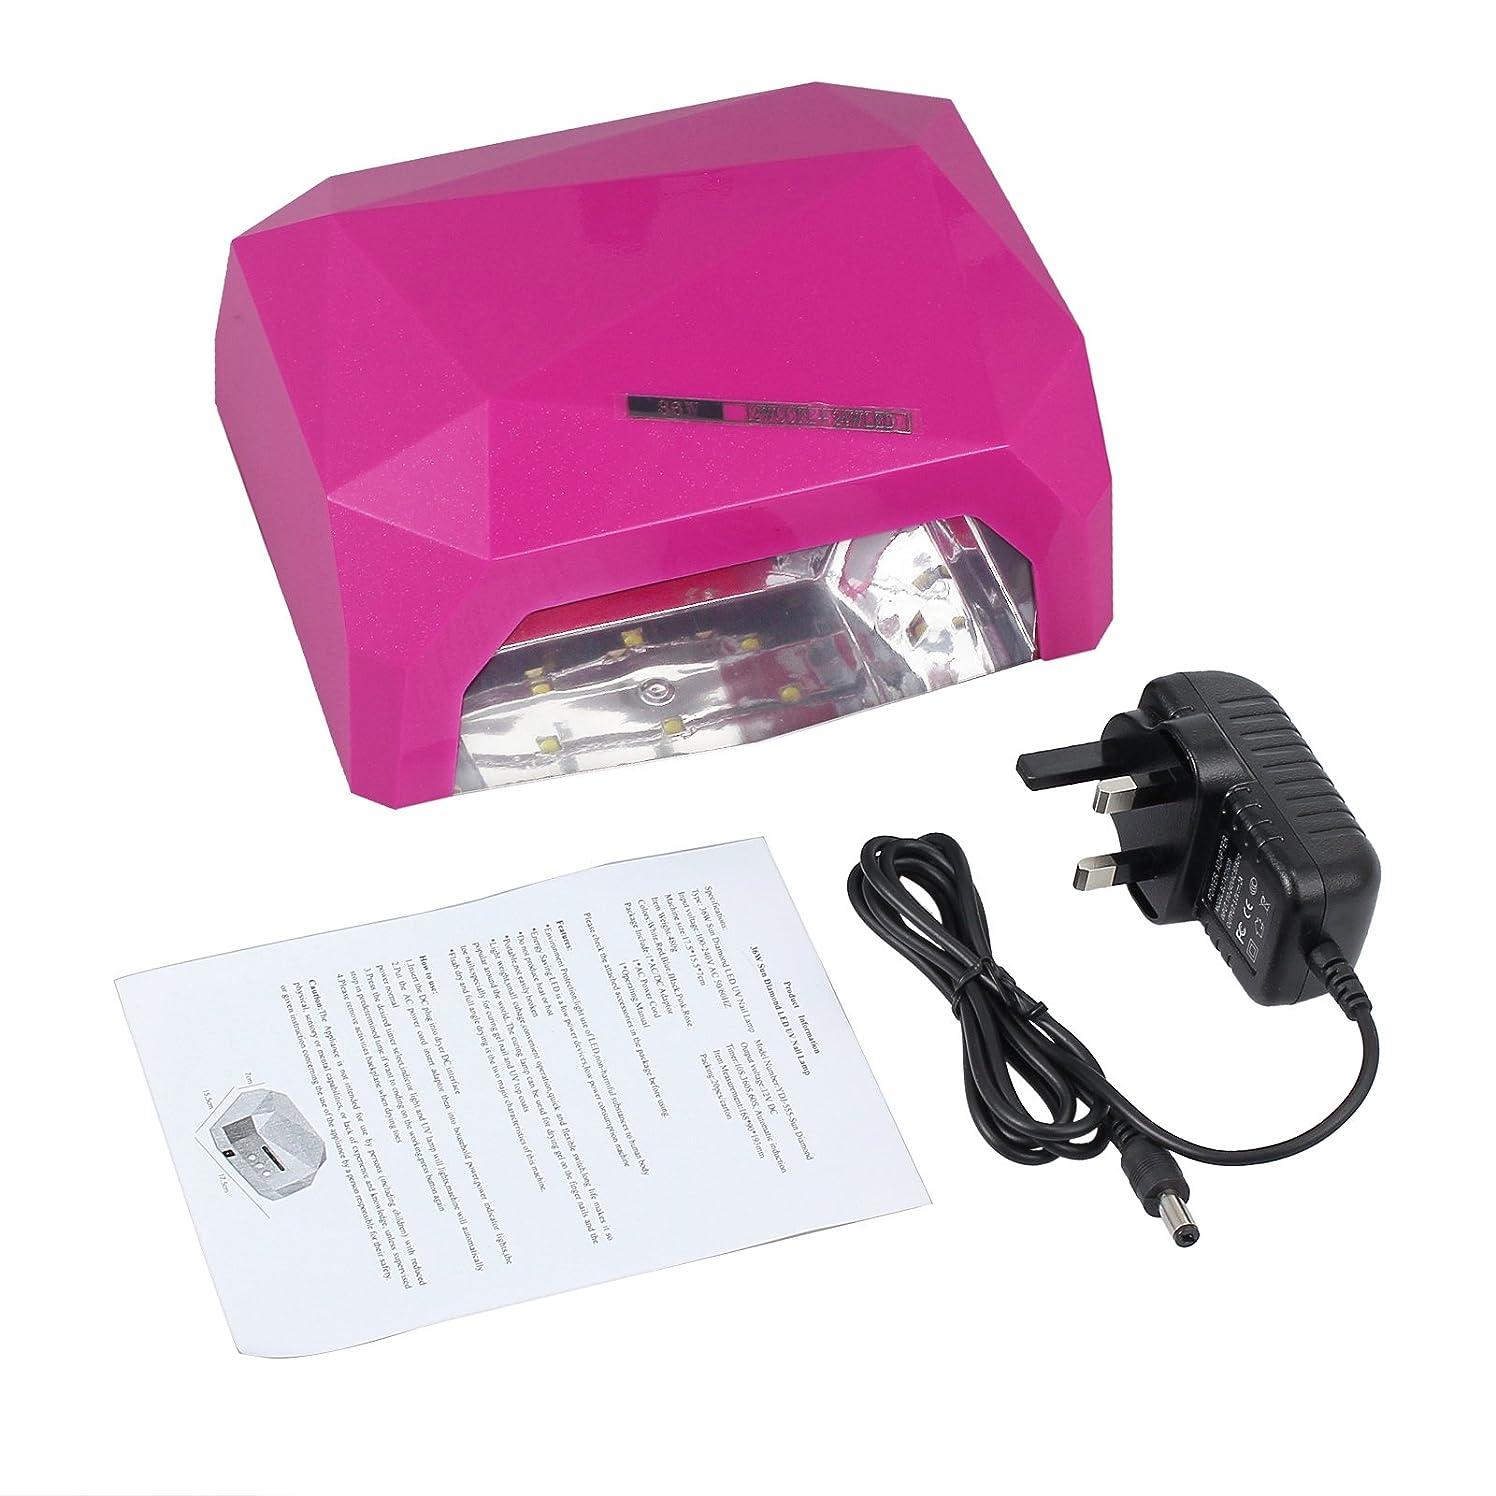 迷信層スペースJustech ネイルドライヤー LED+ UV ジェルネイルライト マニキュア用 硬化用 uvライト タイマー付き (ピンク)